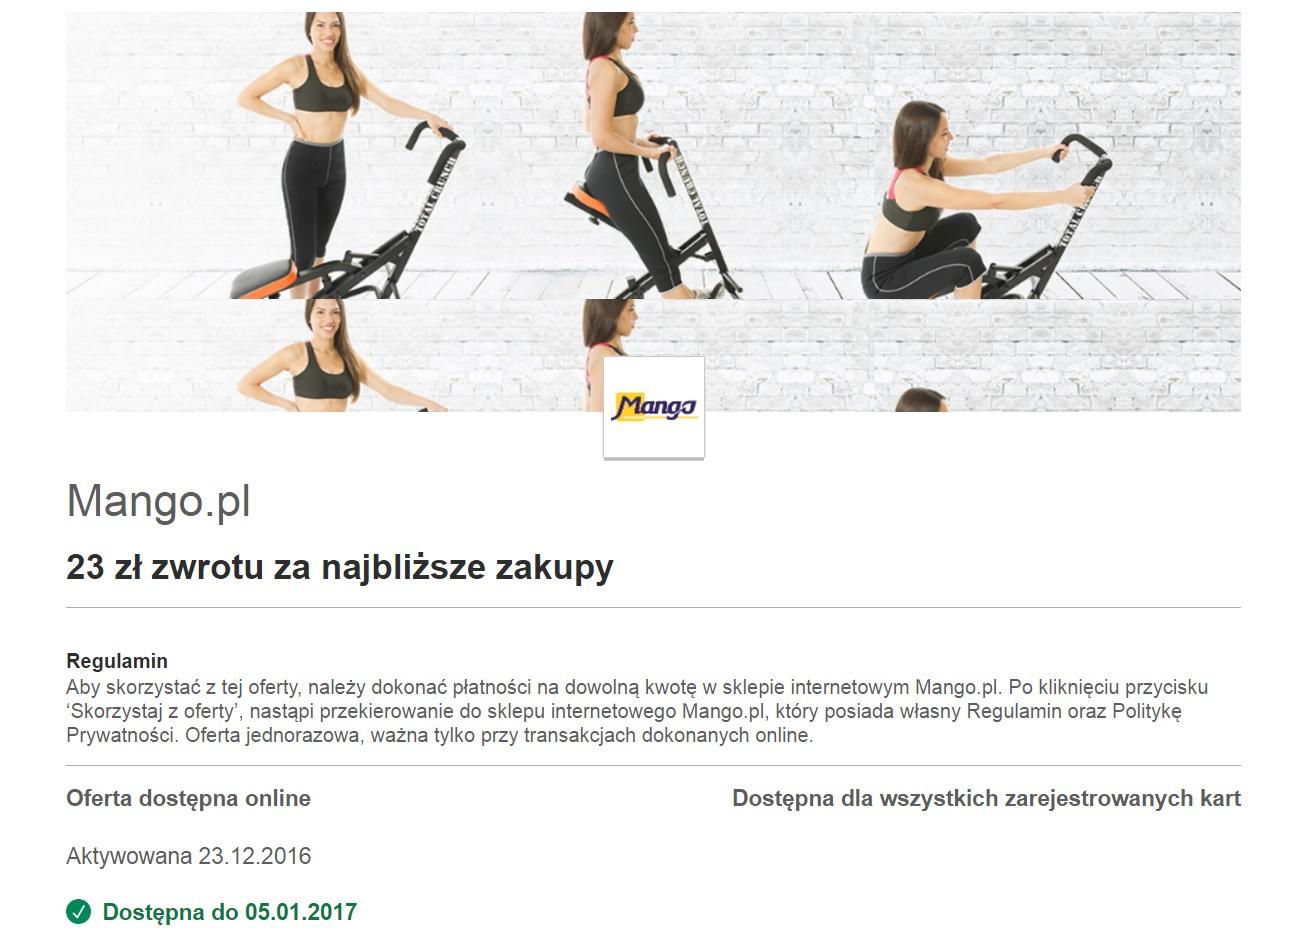 Darmowe zakupy w Mango.pl